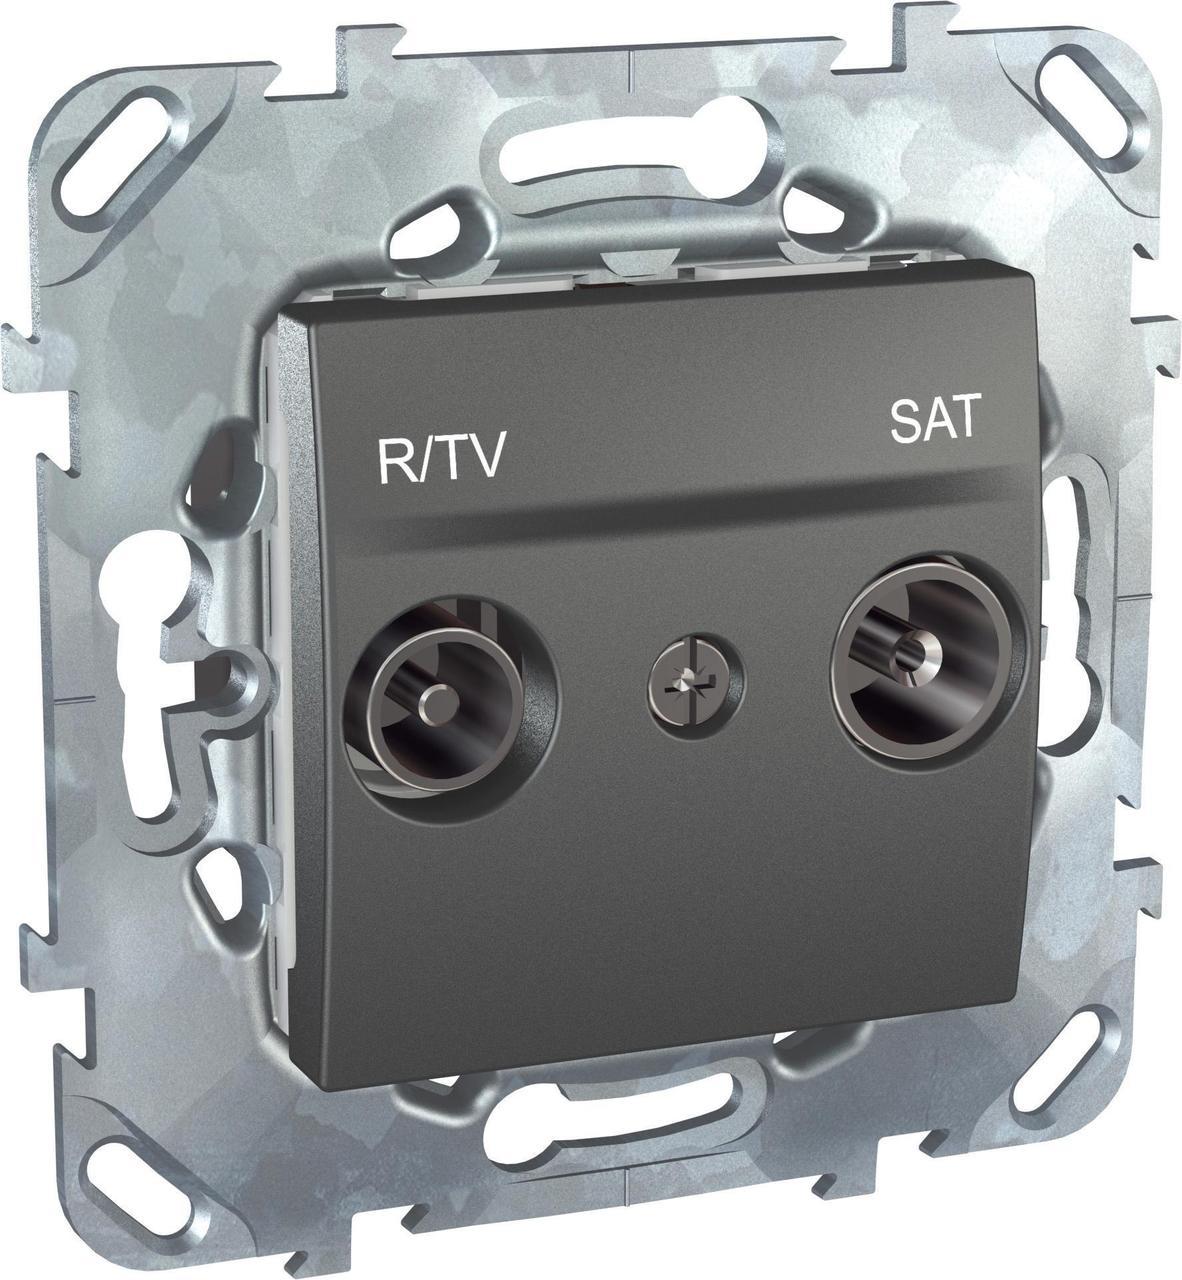 Розетка телевизионная единственная ТV-FМ-SАТ , Графит, серия UNICA TOP/CLASS, Schneider Electric